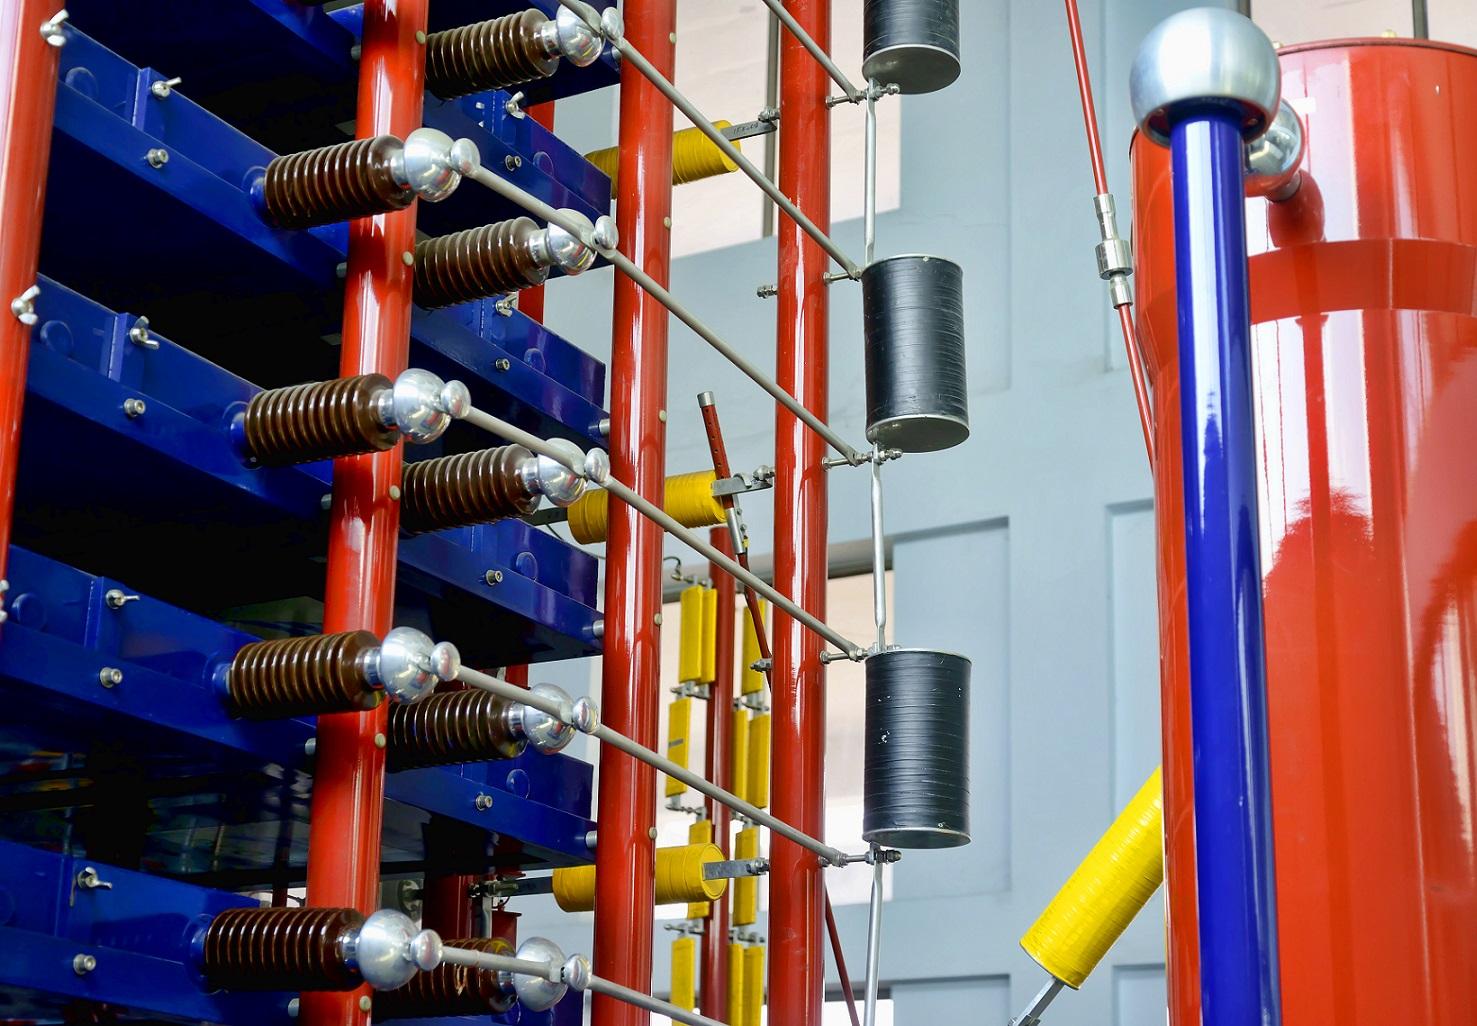 Elektrolites, Manufacturer, Isolators, Surge Arresters, Lightning Arrester, LA, Fault Passage Indicator, Load Break Switch, RDSO Approved, PGCIL Approved, India